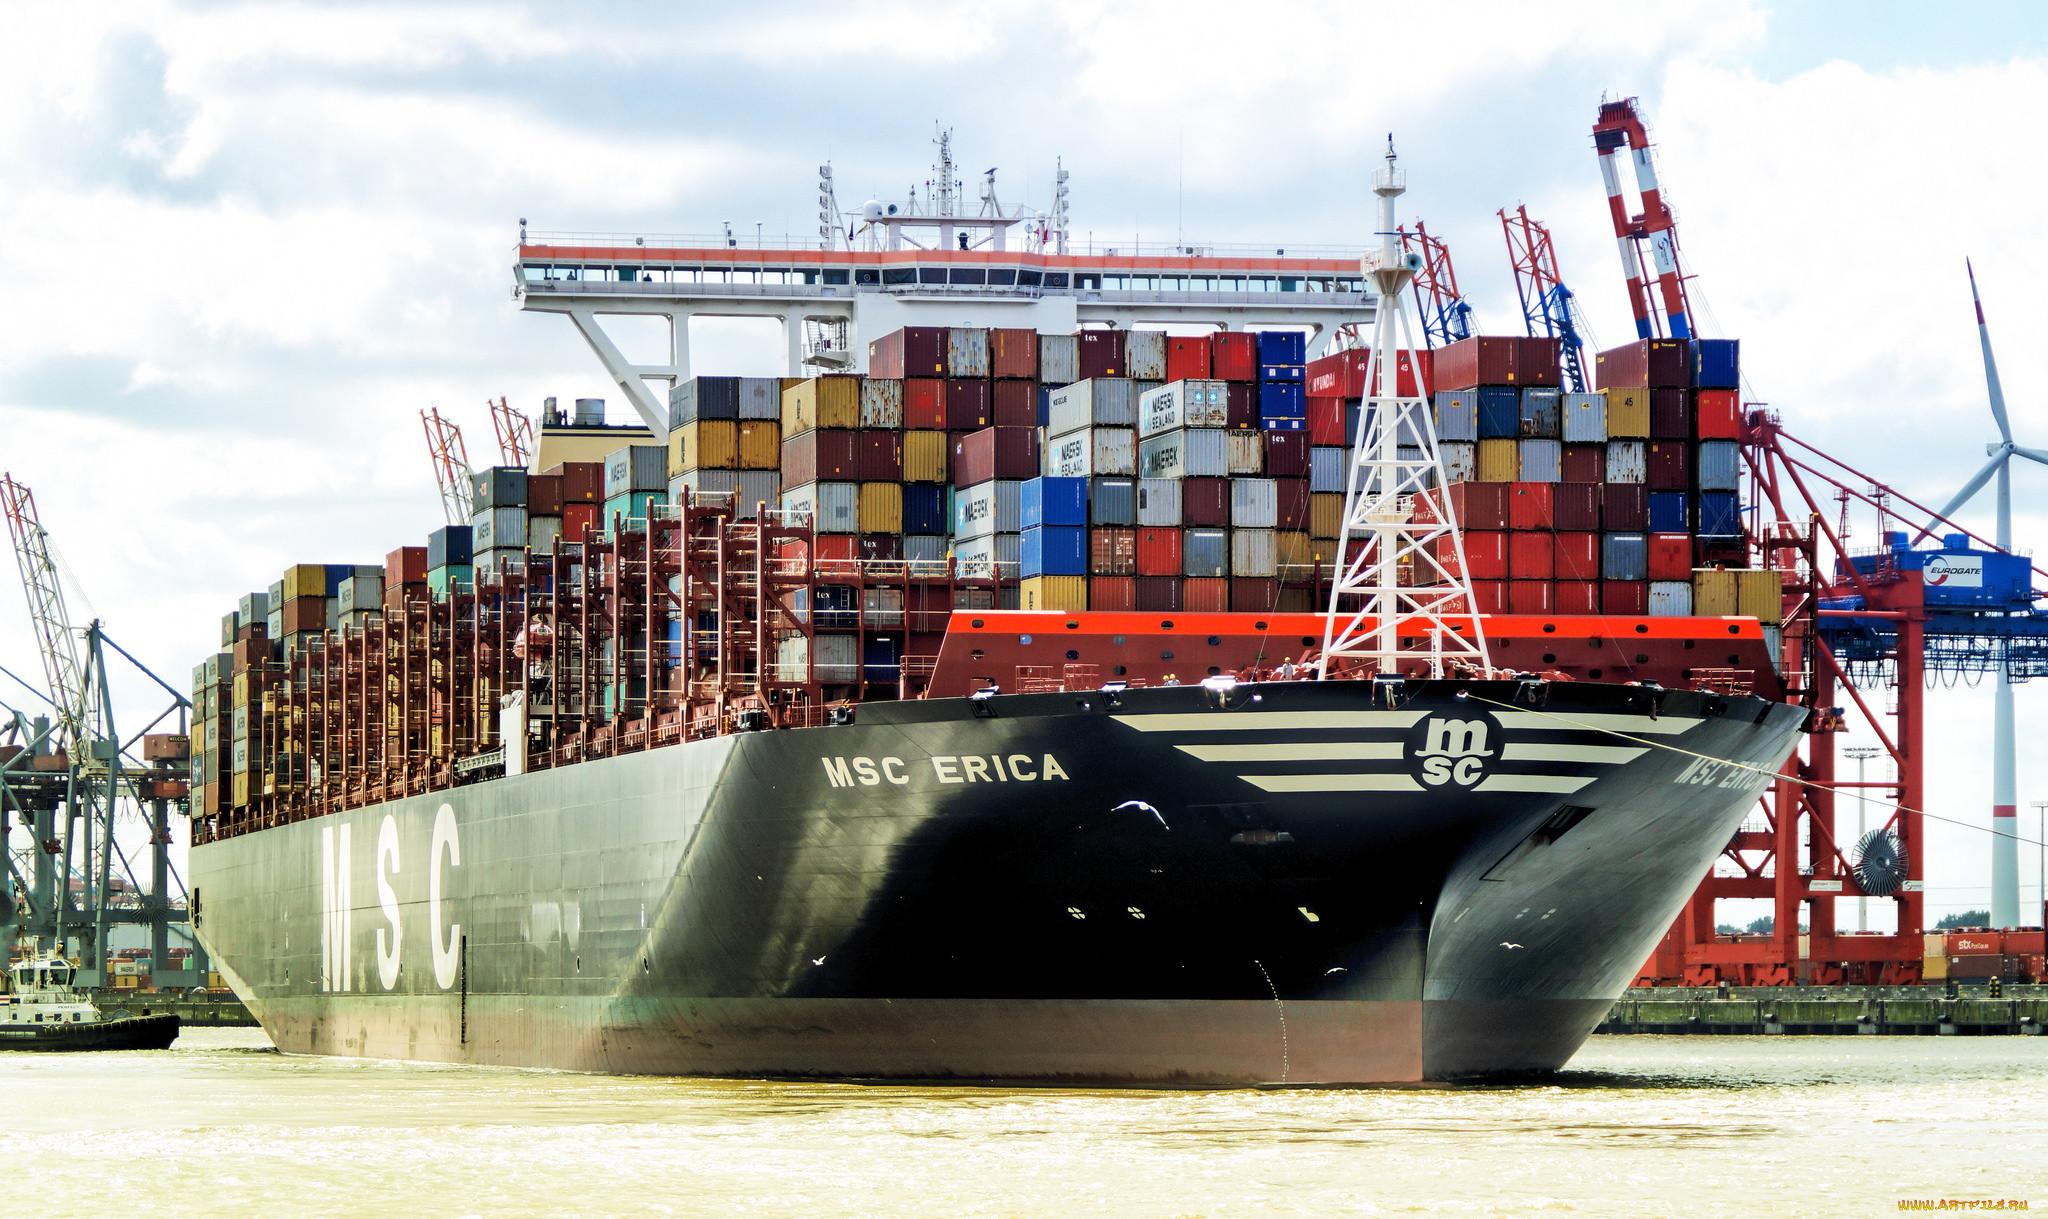 этой фото обои рабочего стола контейнеровоз судно читатель сможет